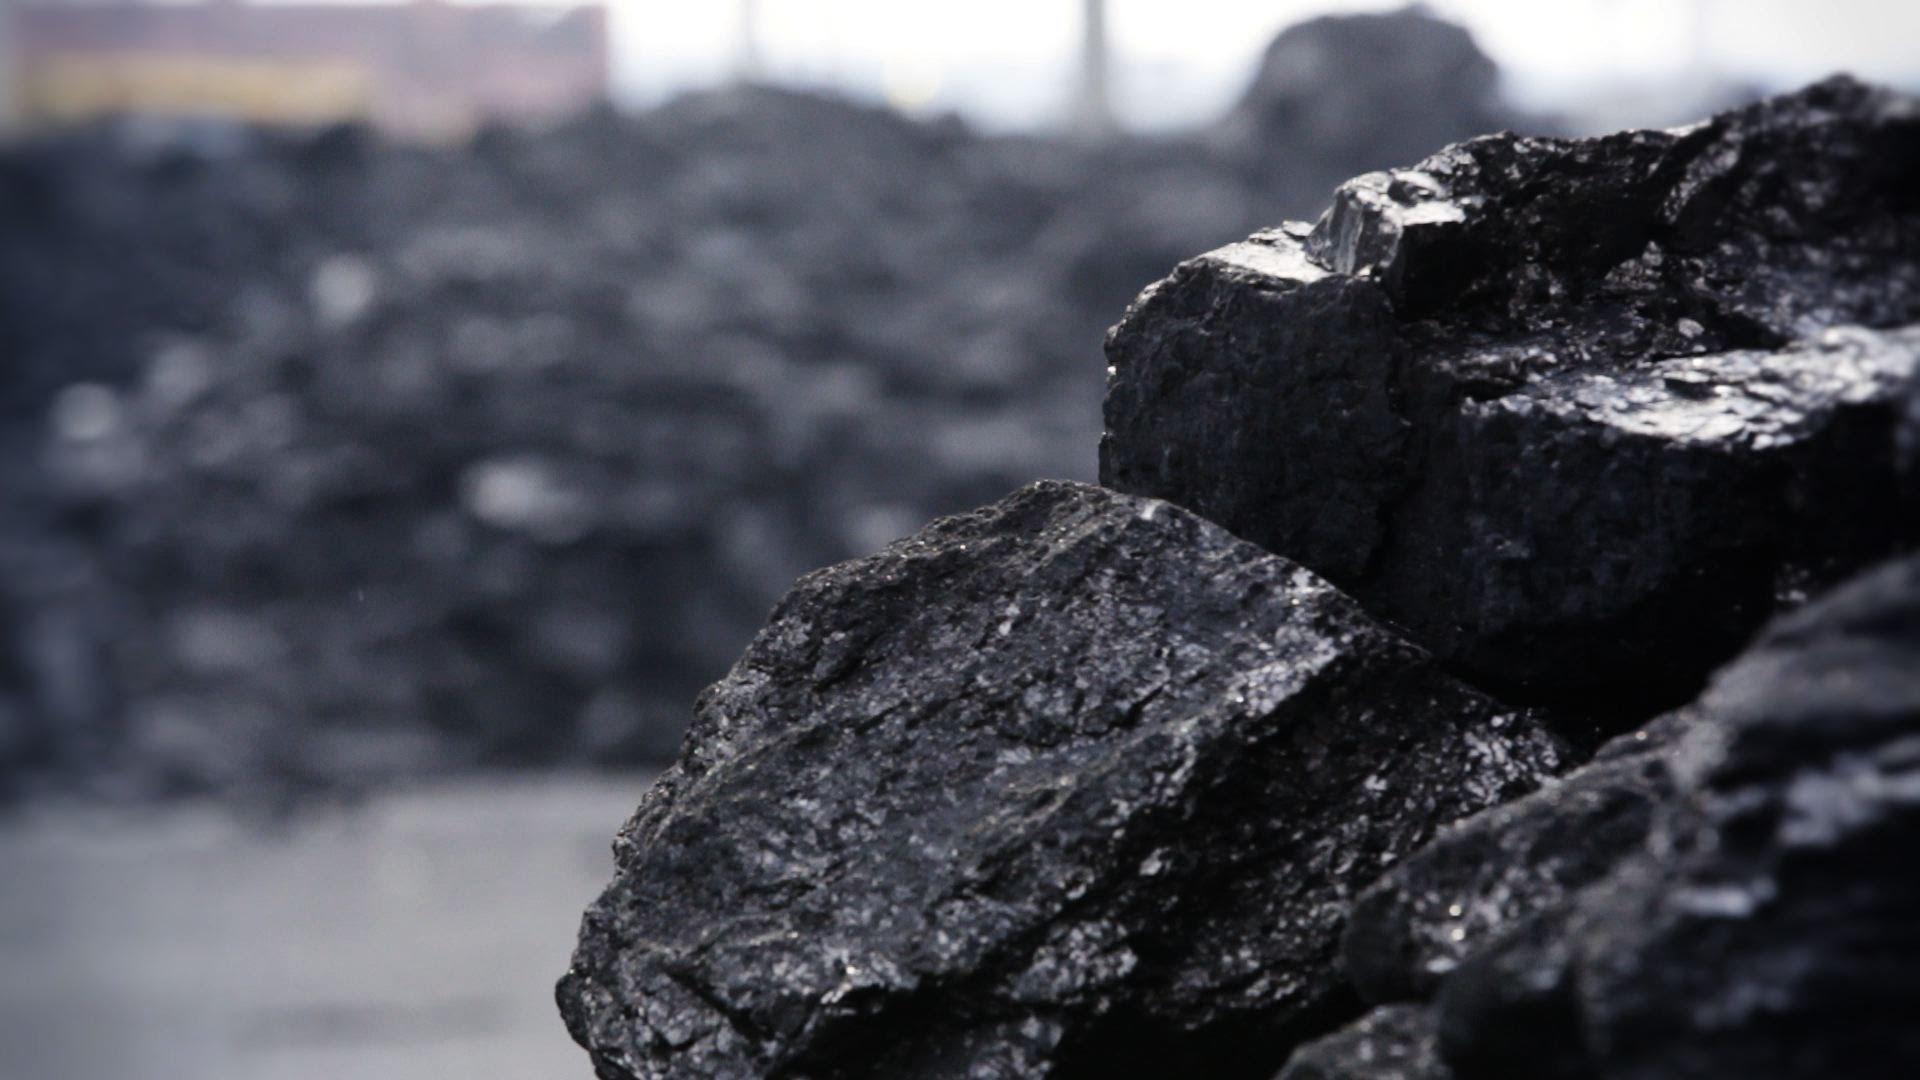 Компенсация на оплату жилищно-коммунальных услуг и приобретение твердого бытового топлива (угля)